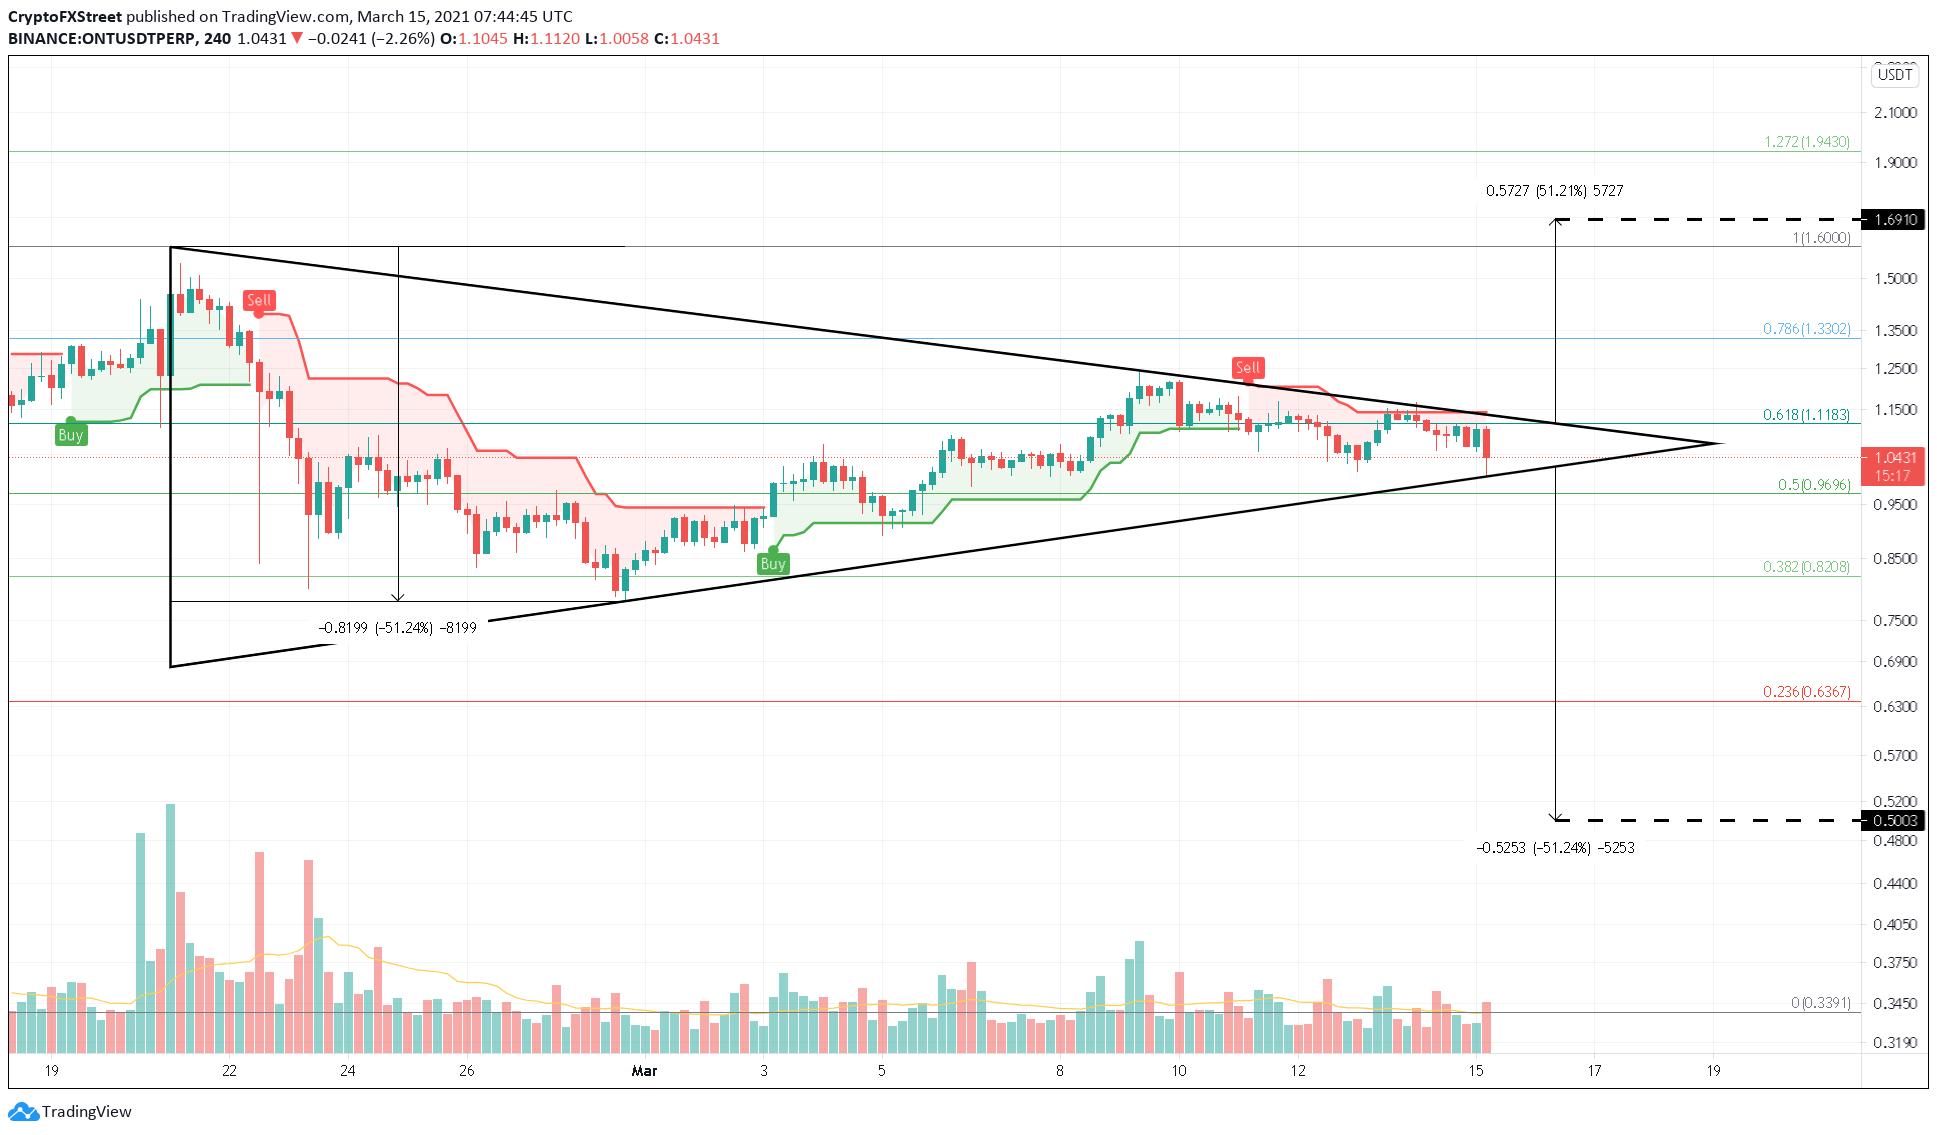 ONT/USDT 4-hour chart